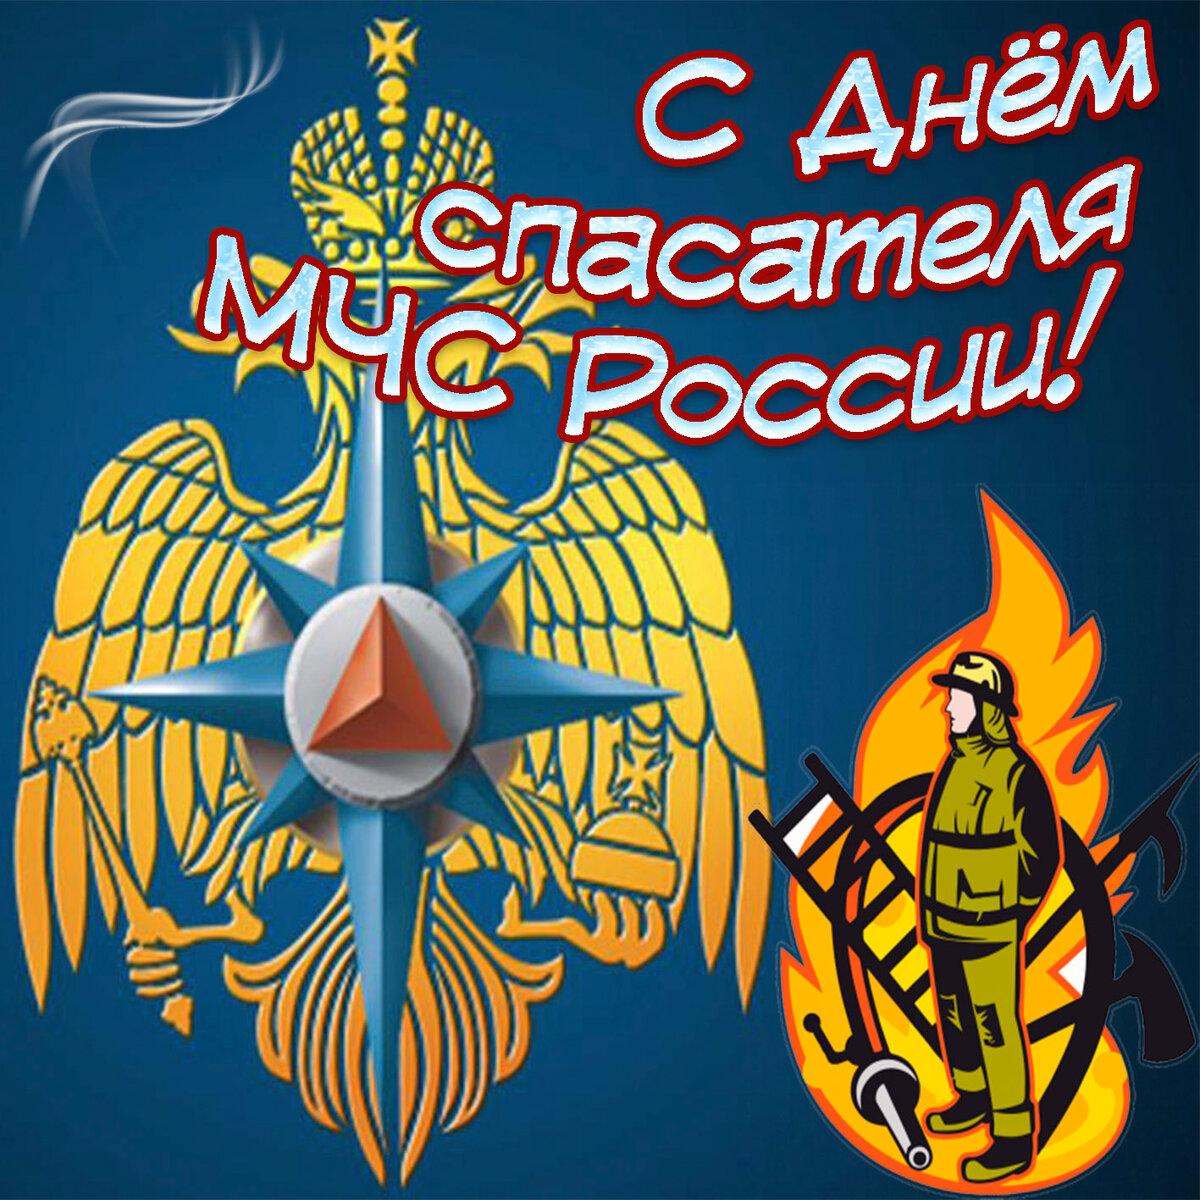 Поздравительная открытка мчс россии, обижаюсь